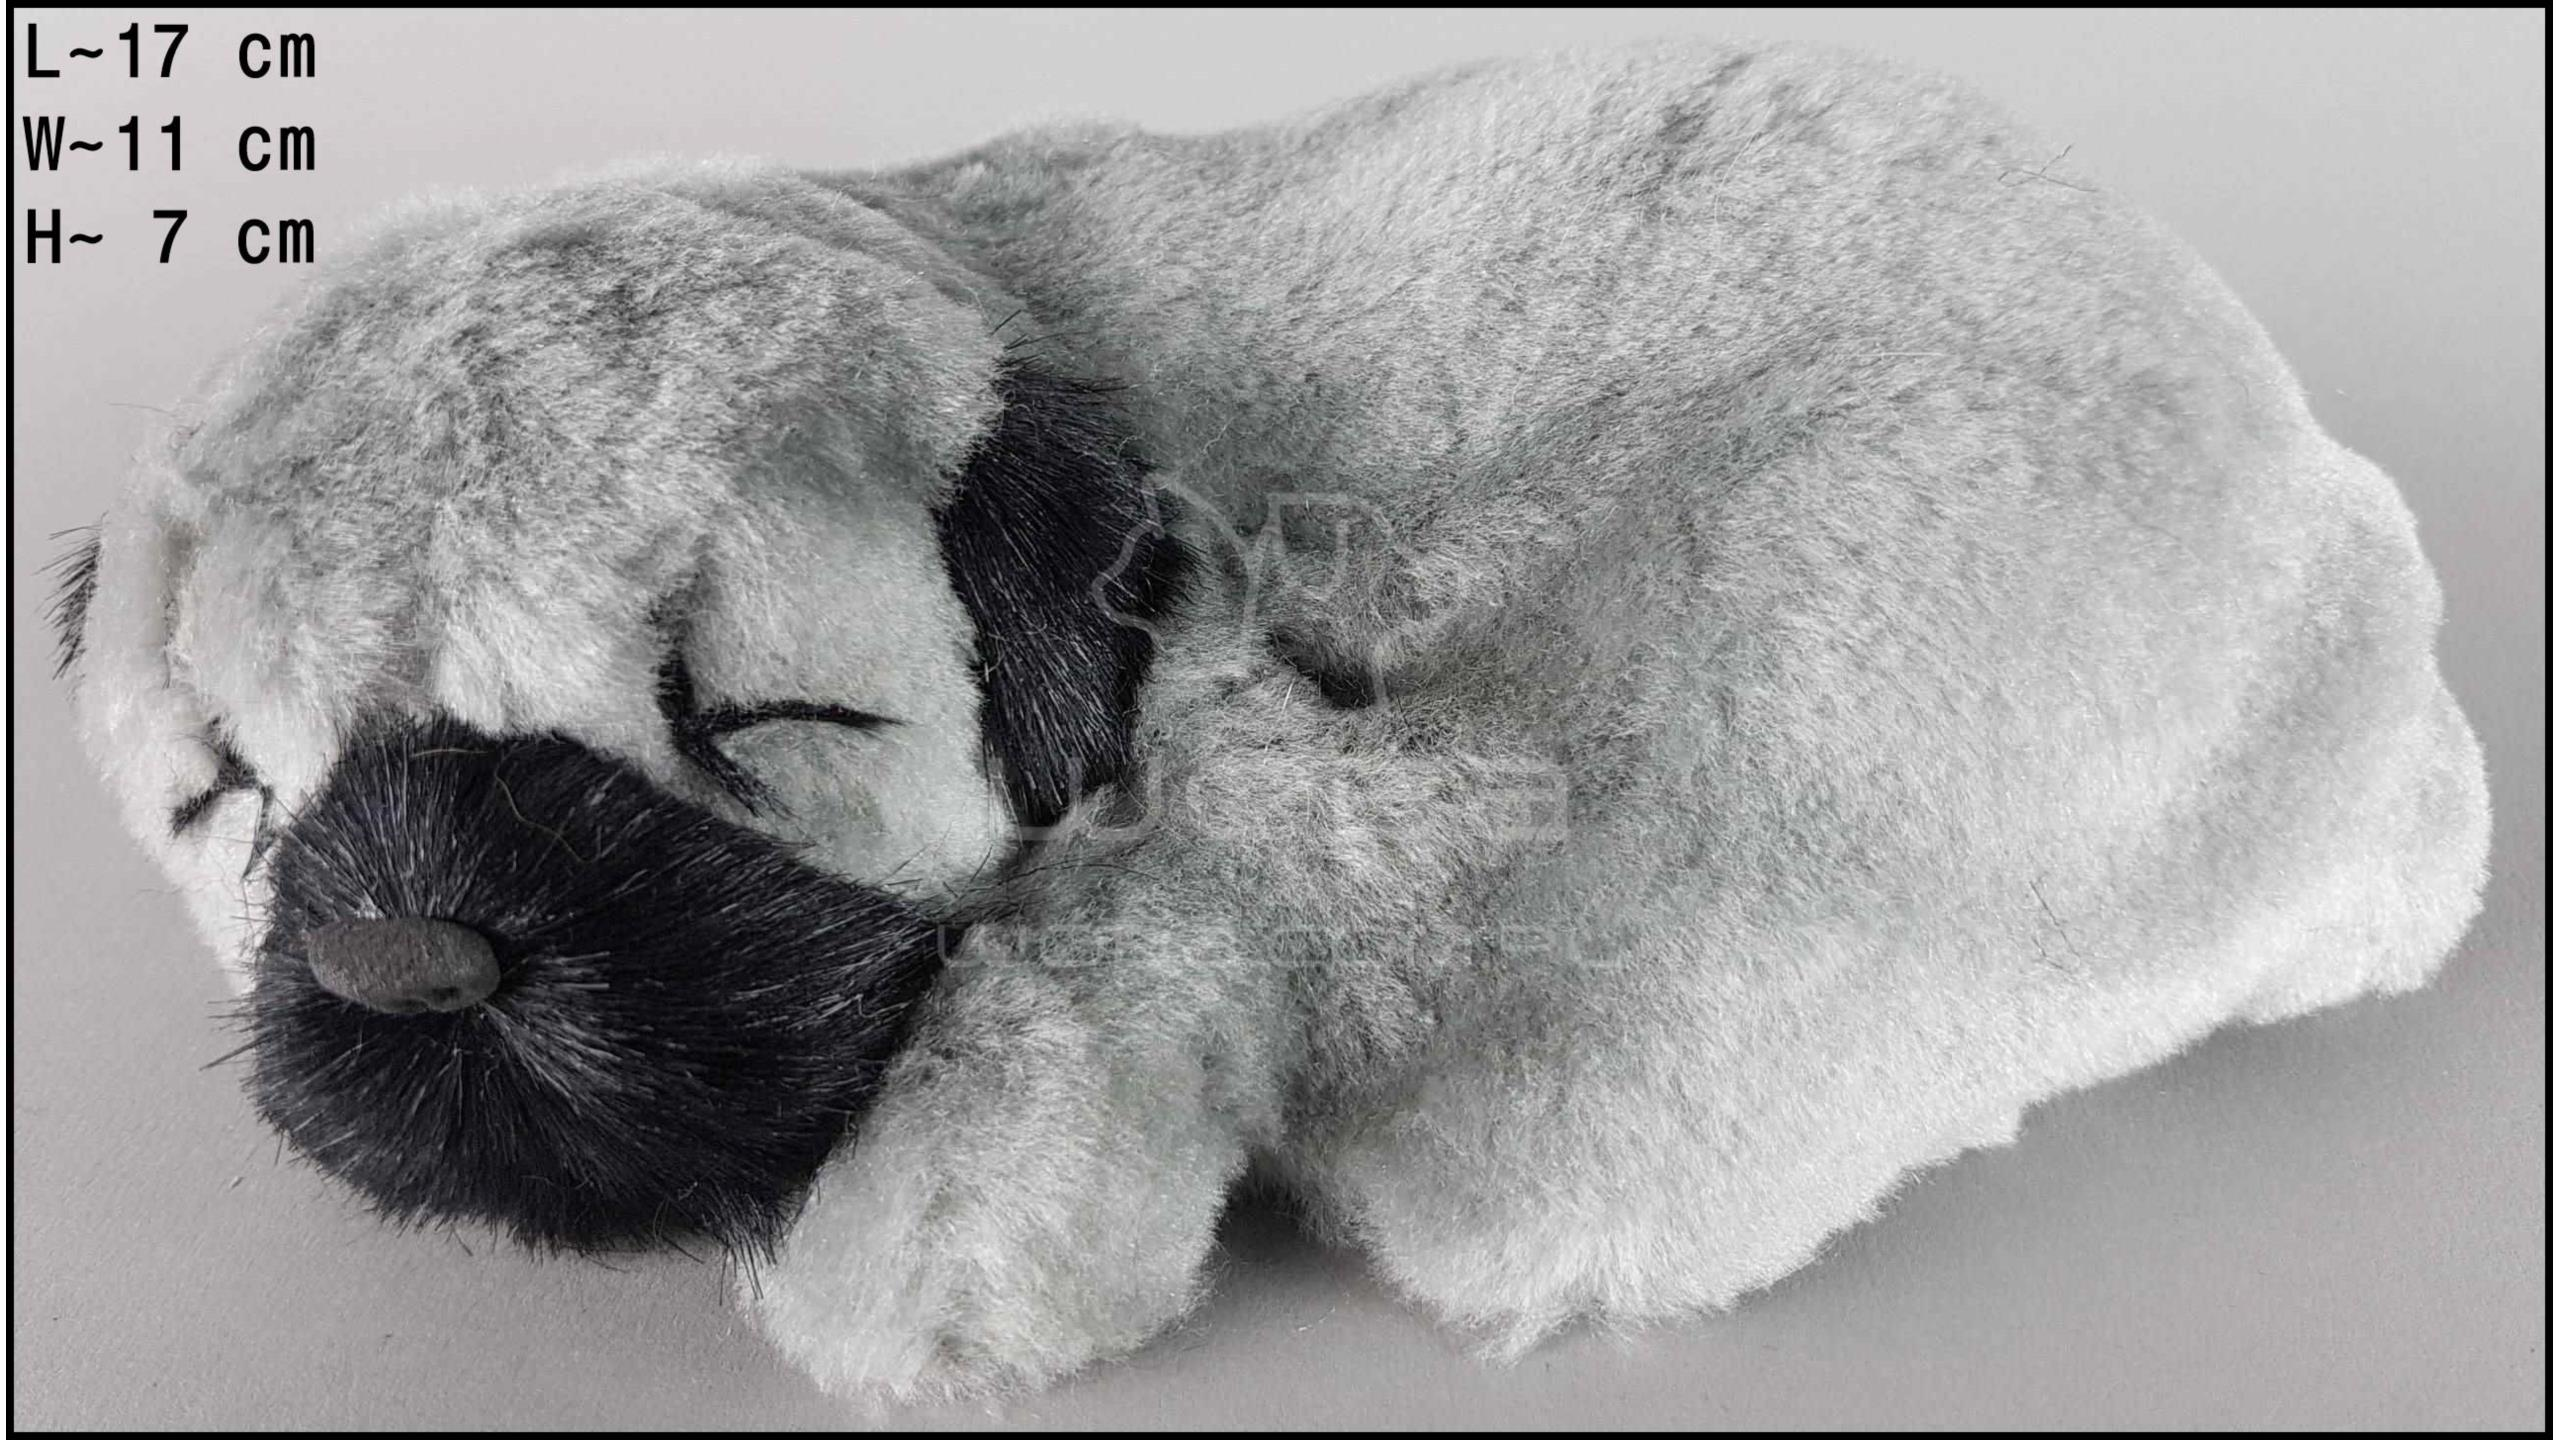 Dog Shar Pei - Size S